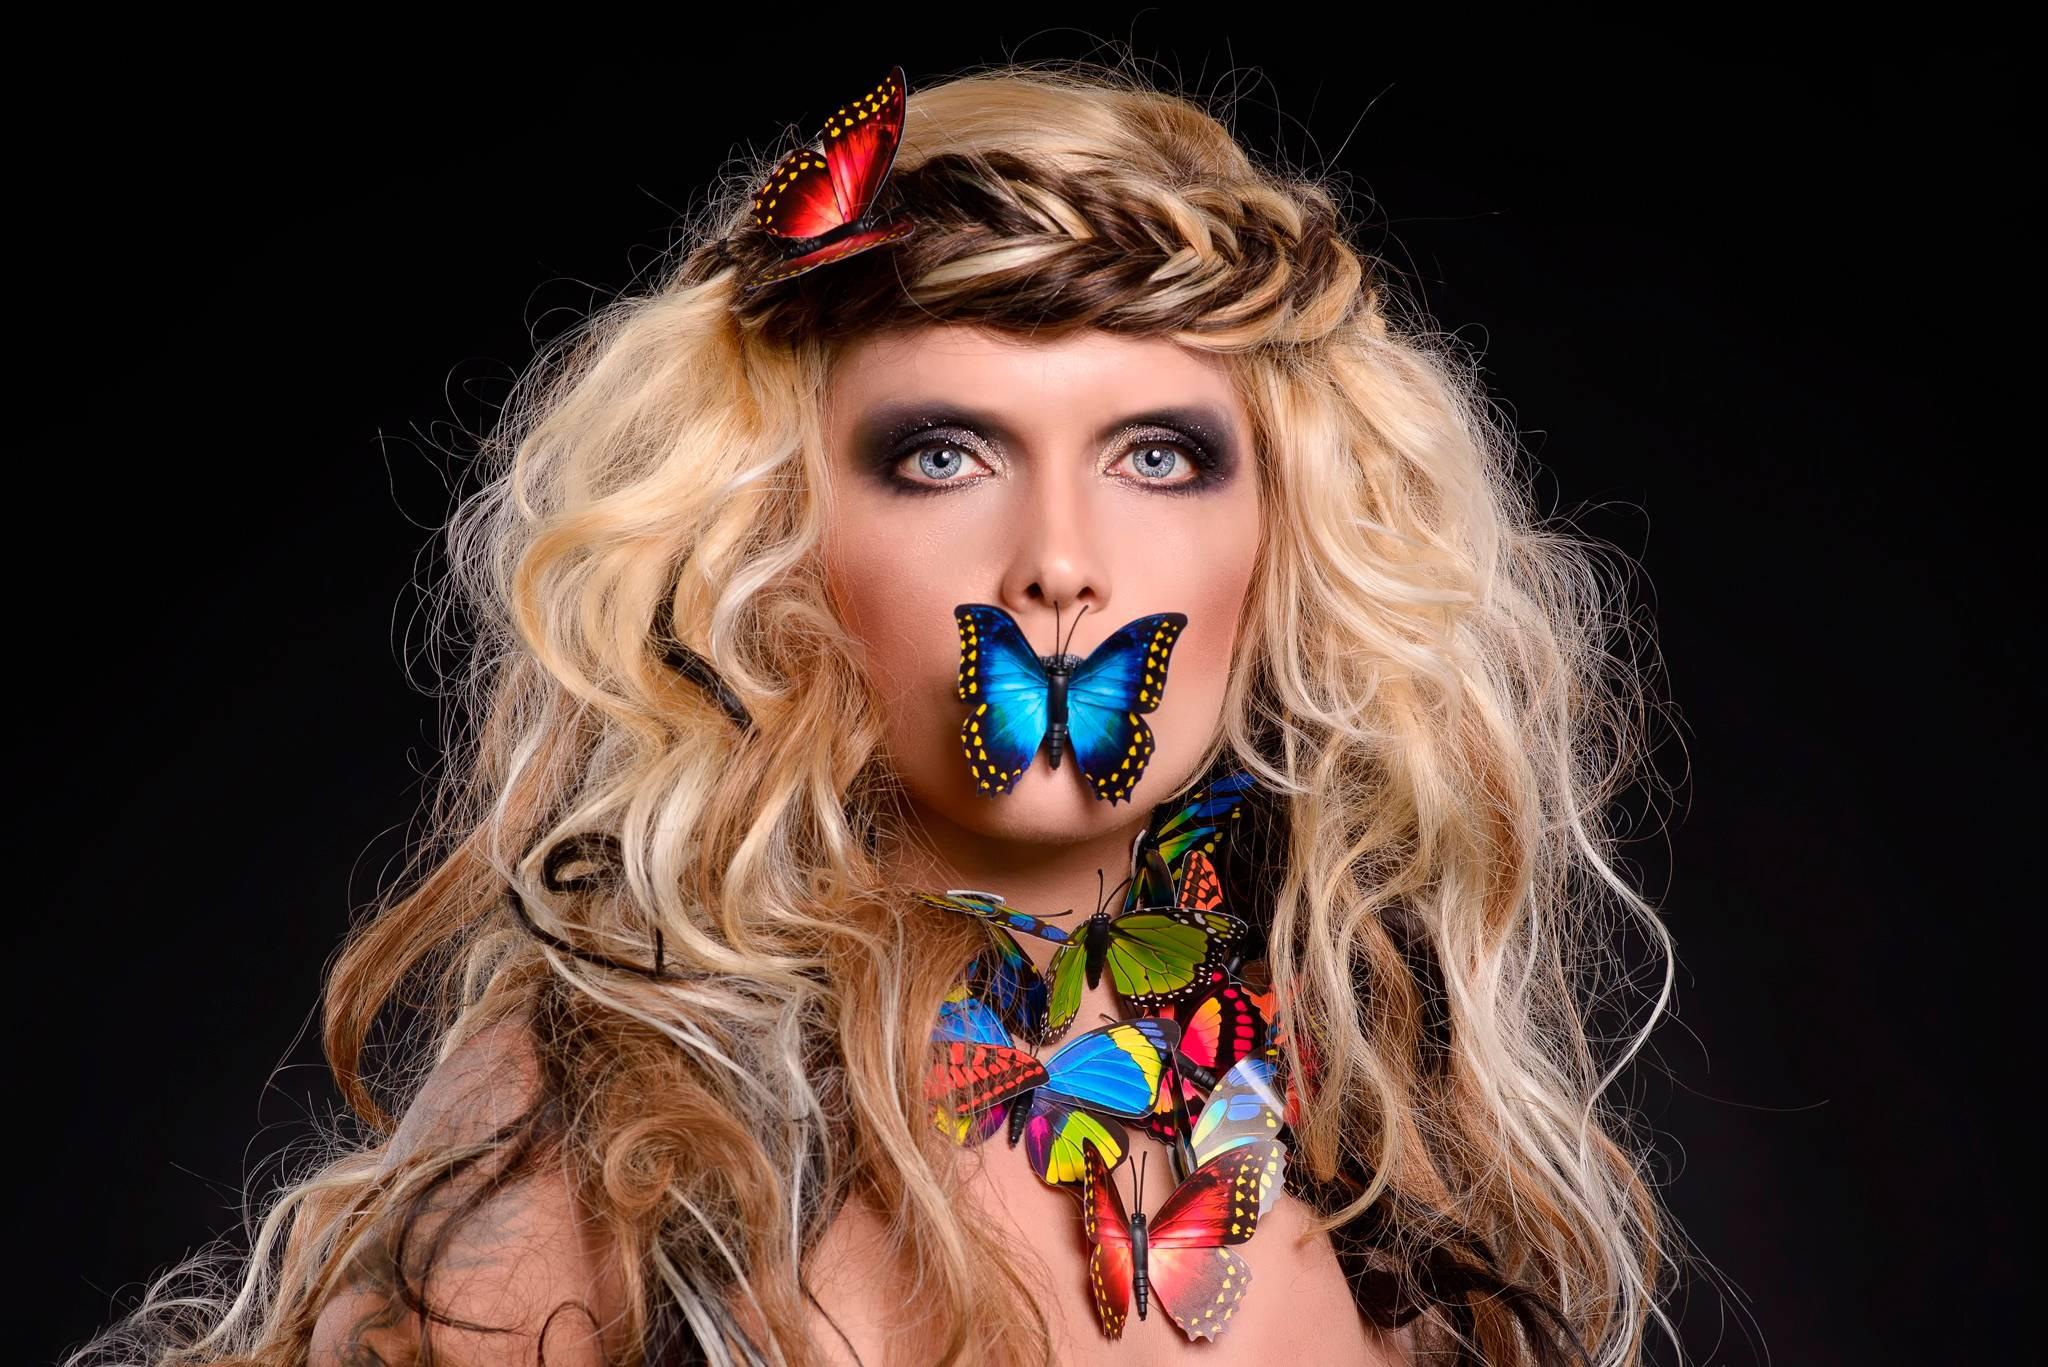 обои бабочки, портрет, по мотивам фильма, фантазия картинки фото